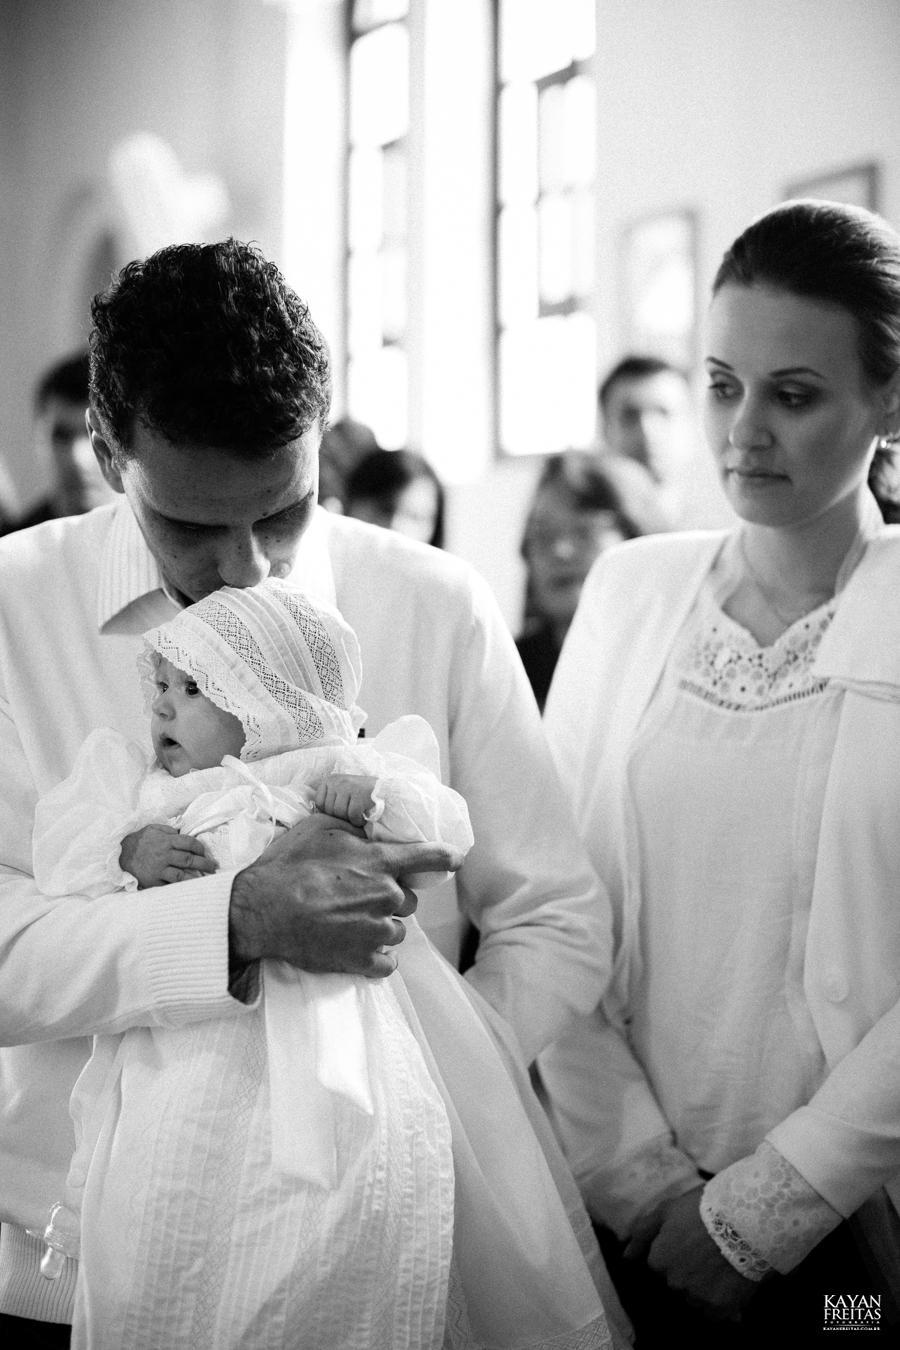 batizado-catarina-0010 Catarina - Batizado em Palhoça